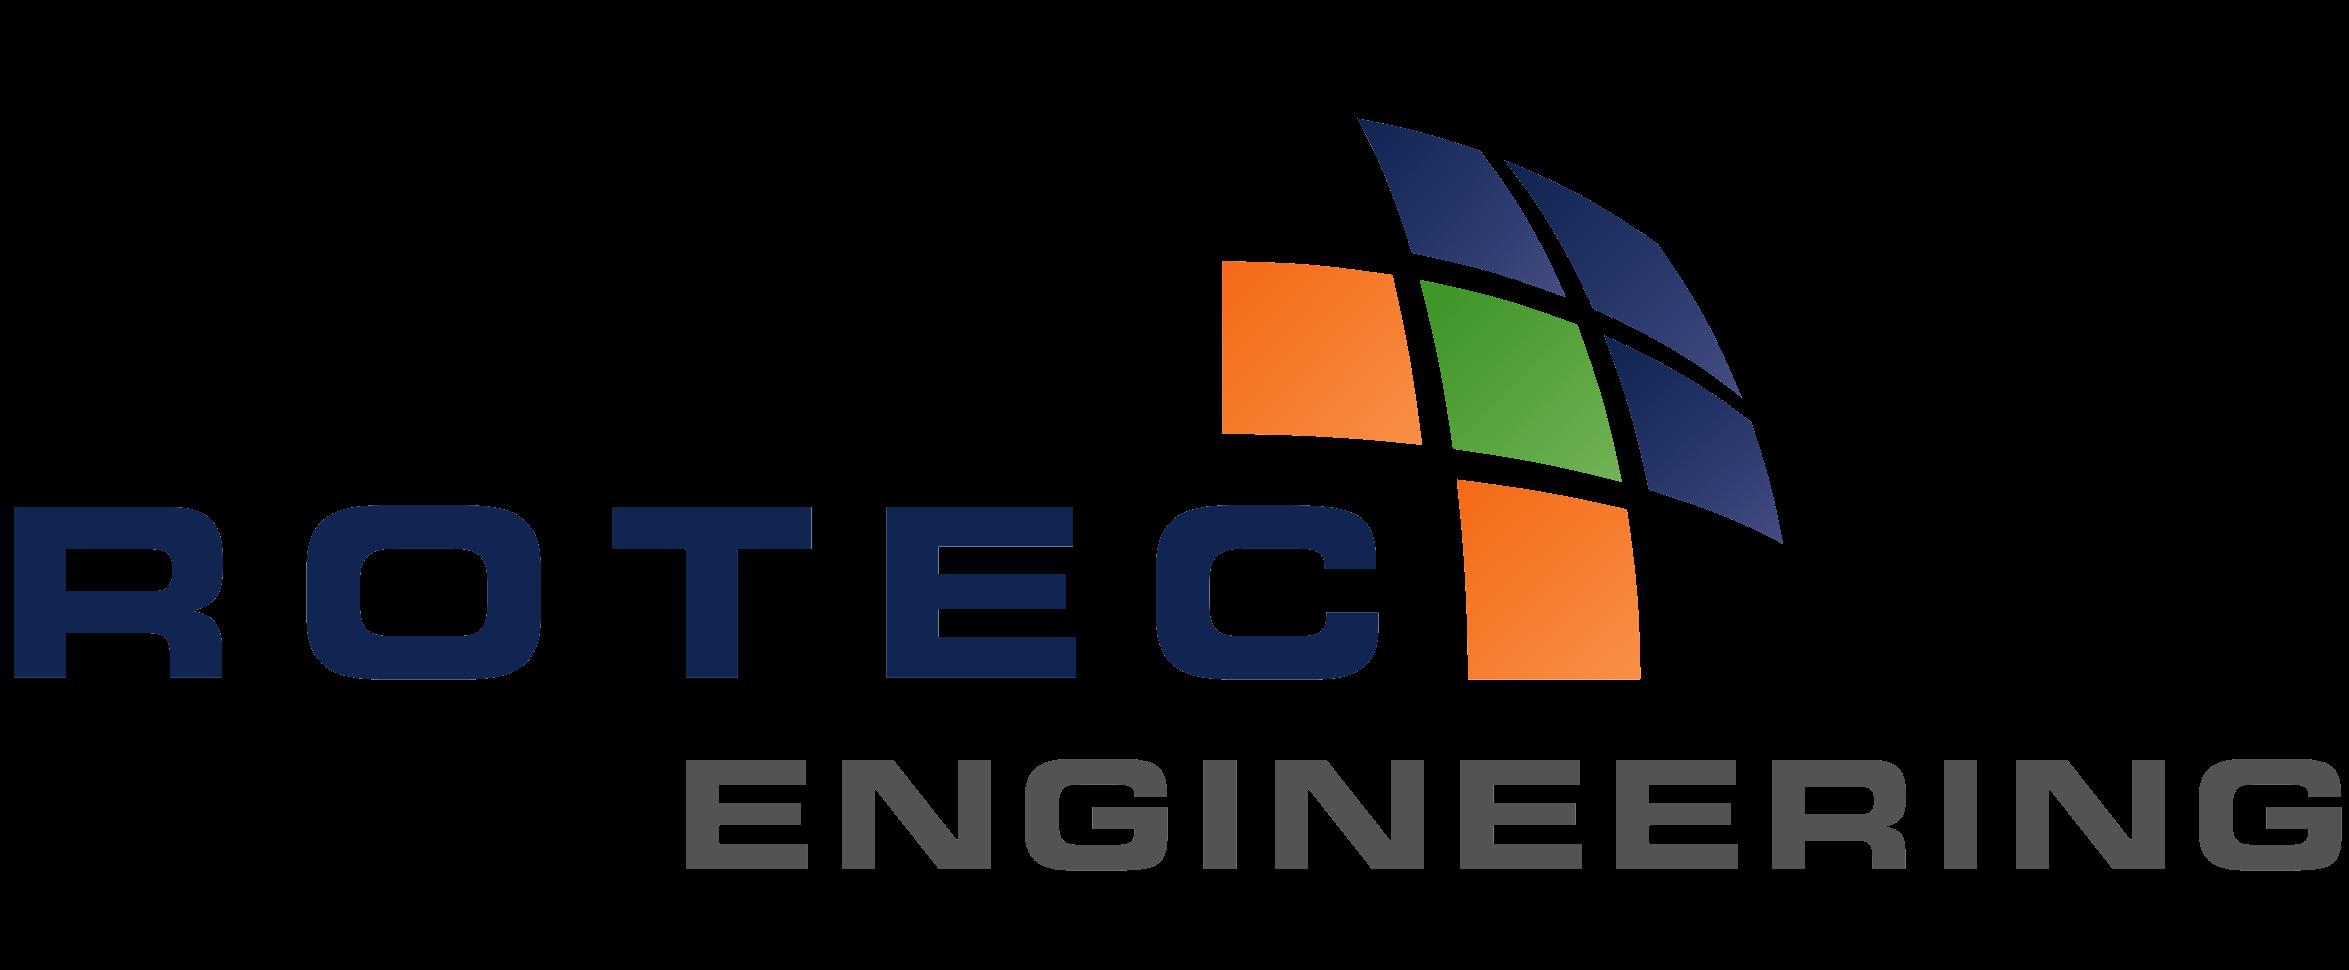 Rotec engineering big logo